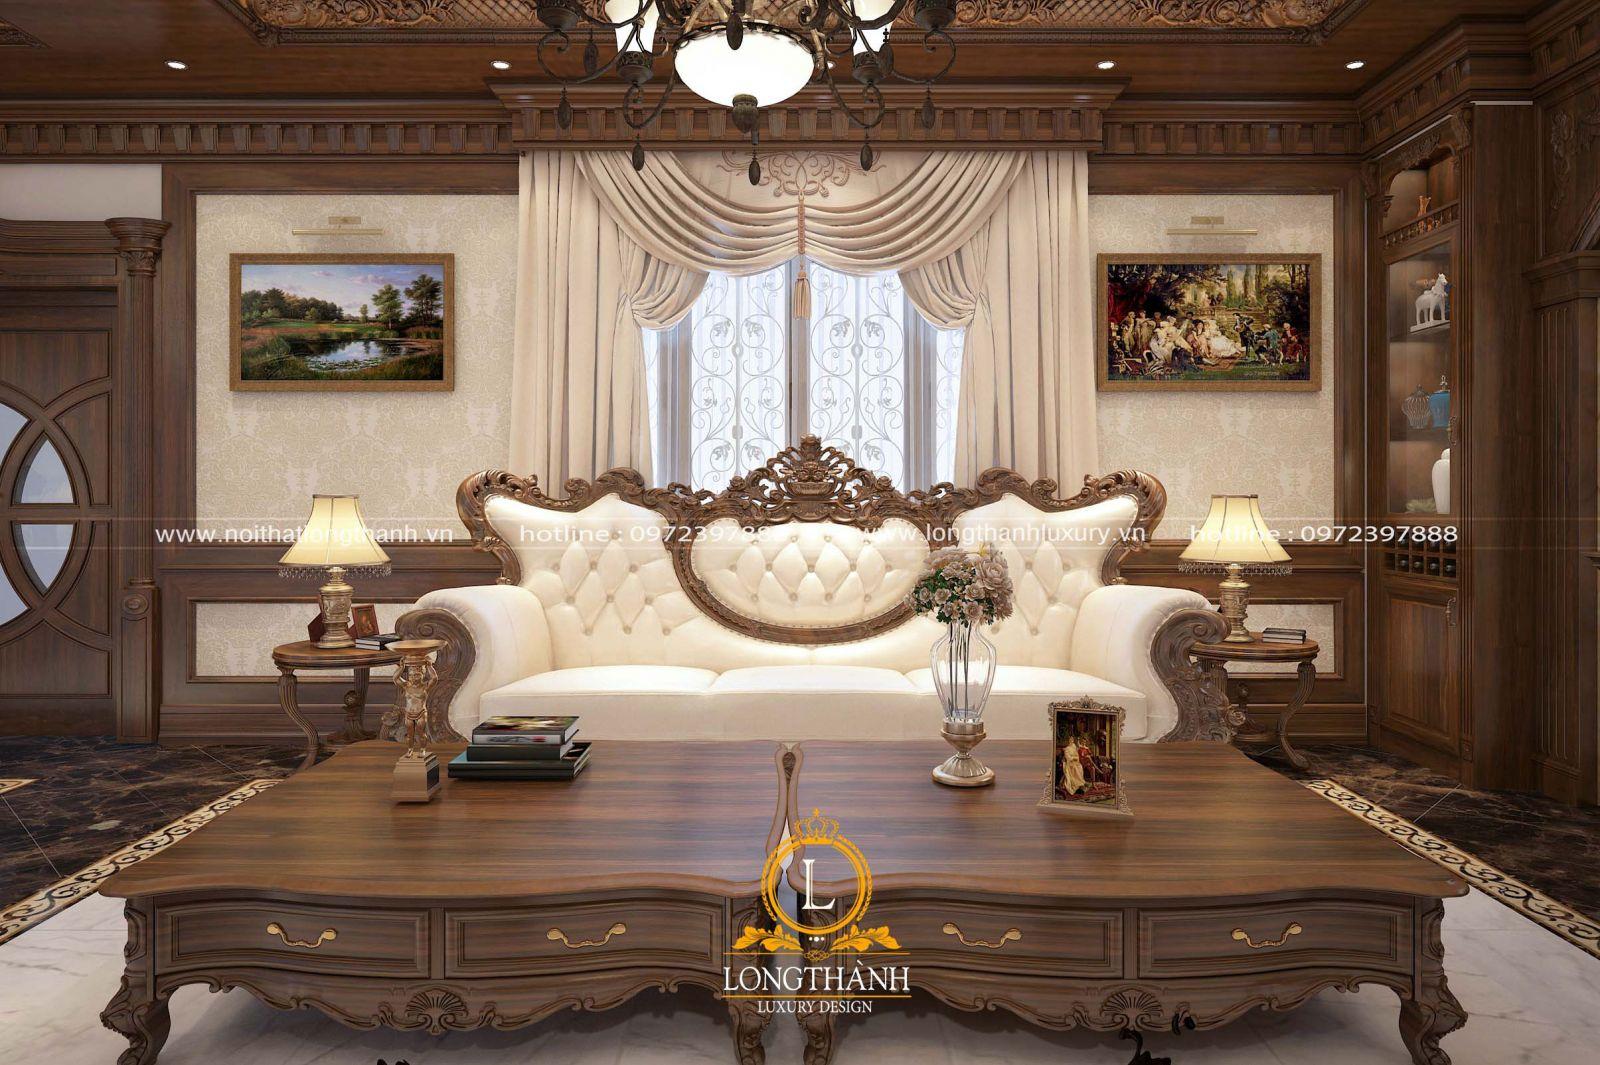 Sofa phòng khách dài với hoa văn tân cổ điển bắt mắt